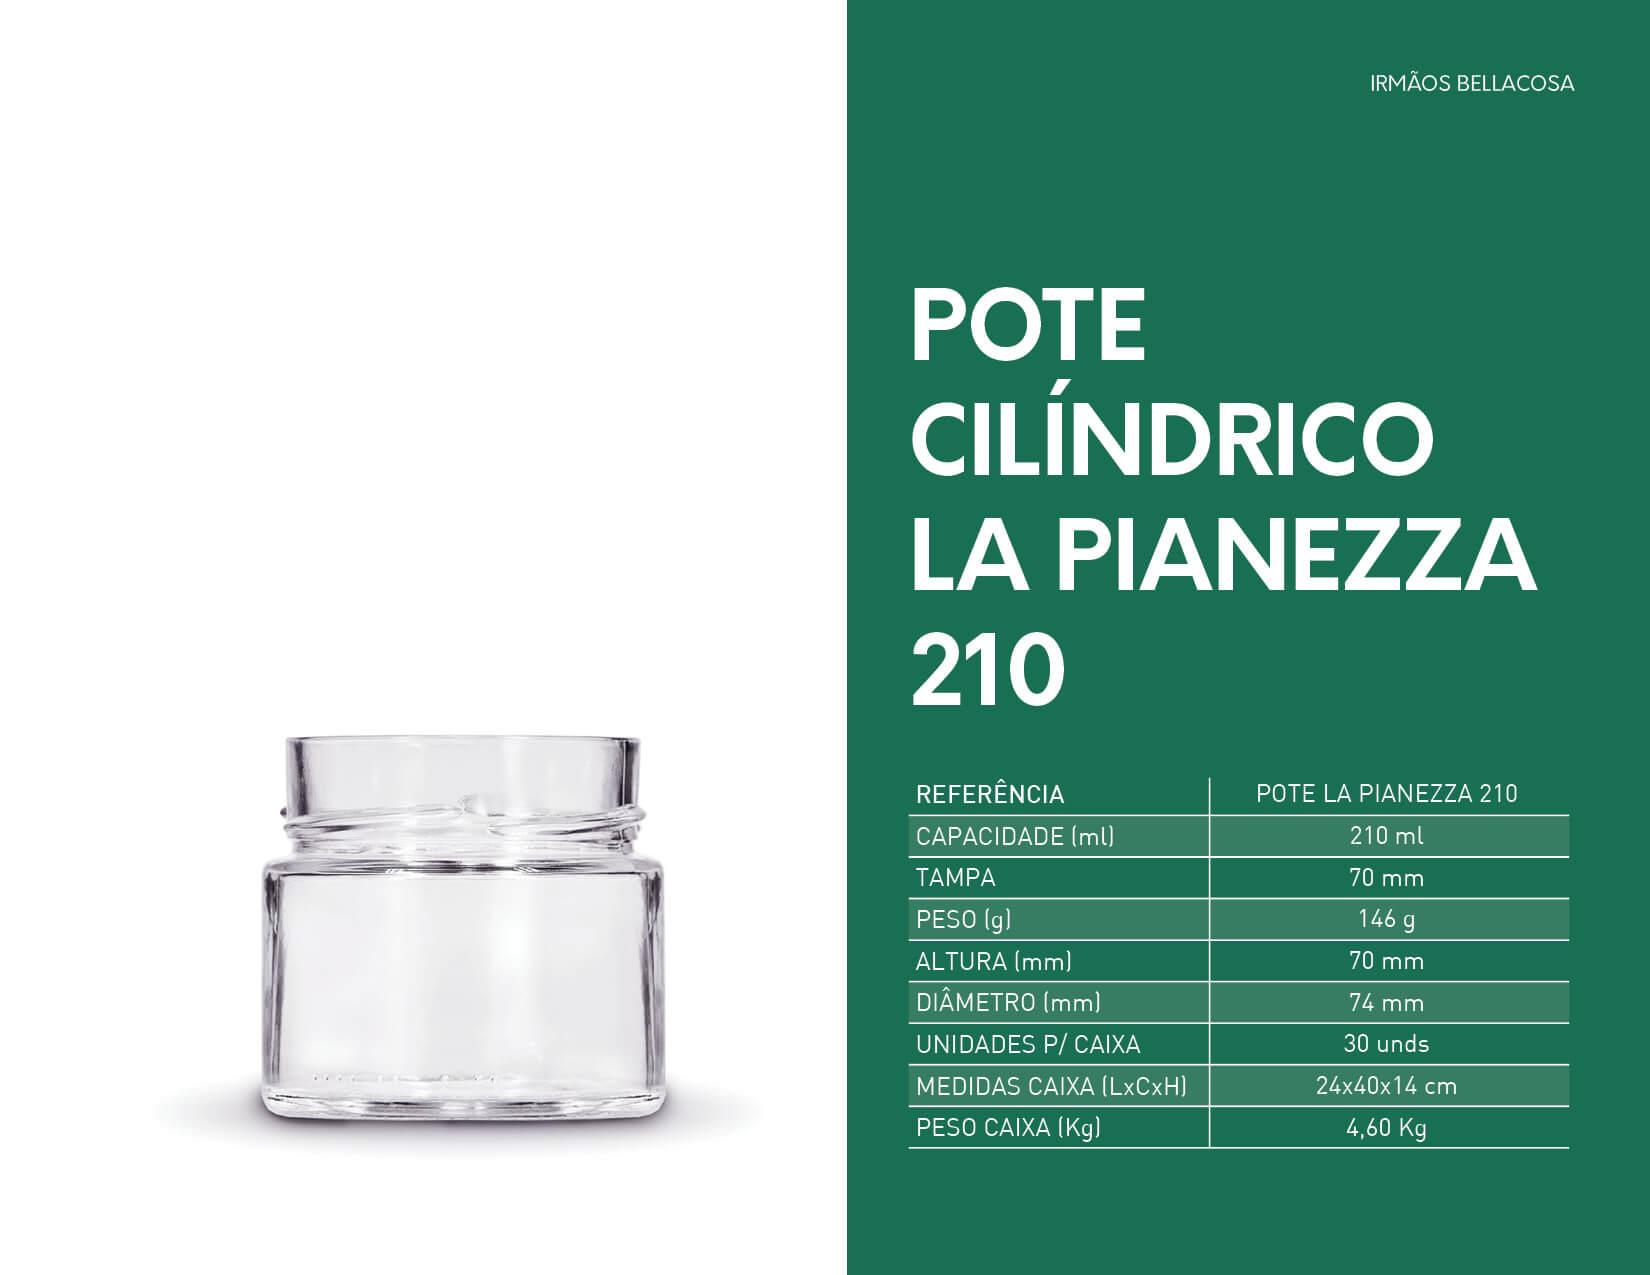 015-Pote-Cilindrico-La-pianezza-210-irmaos-bellacosa-embalagens-de-vidro